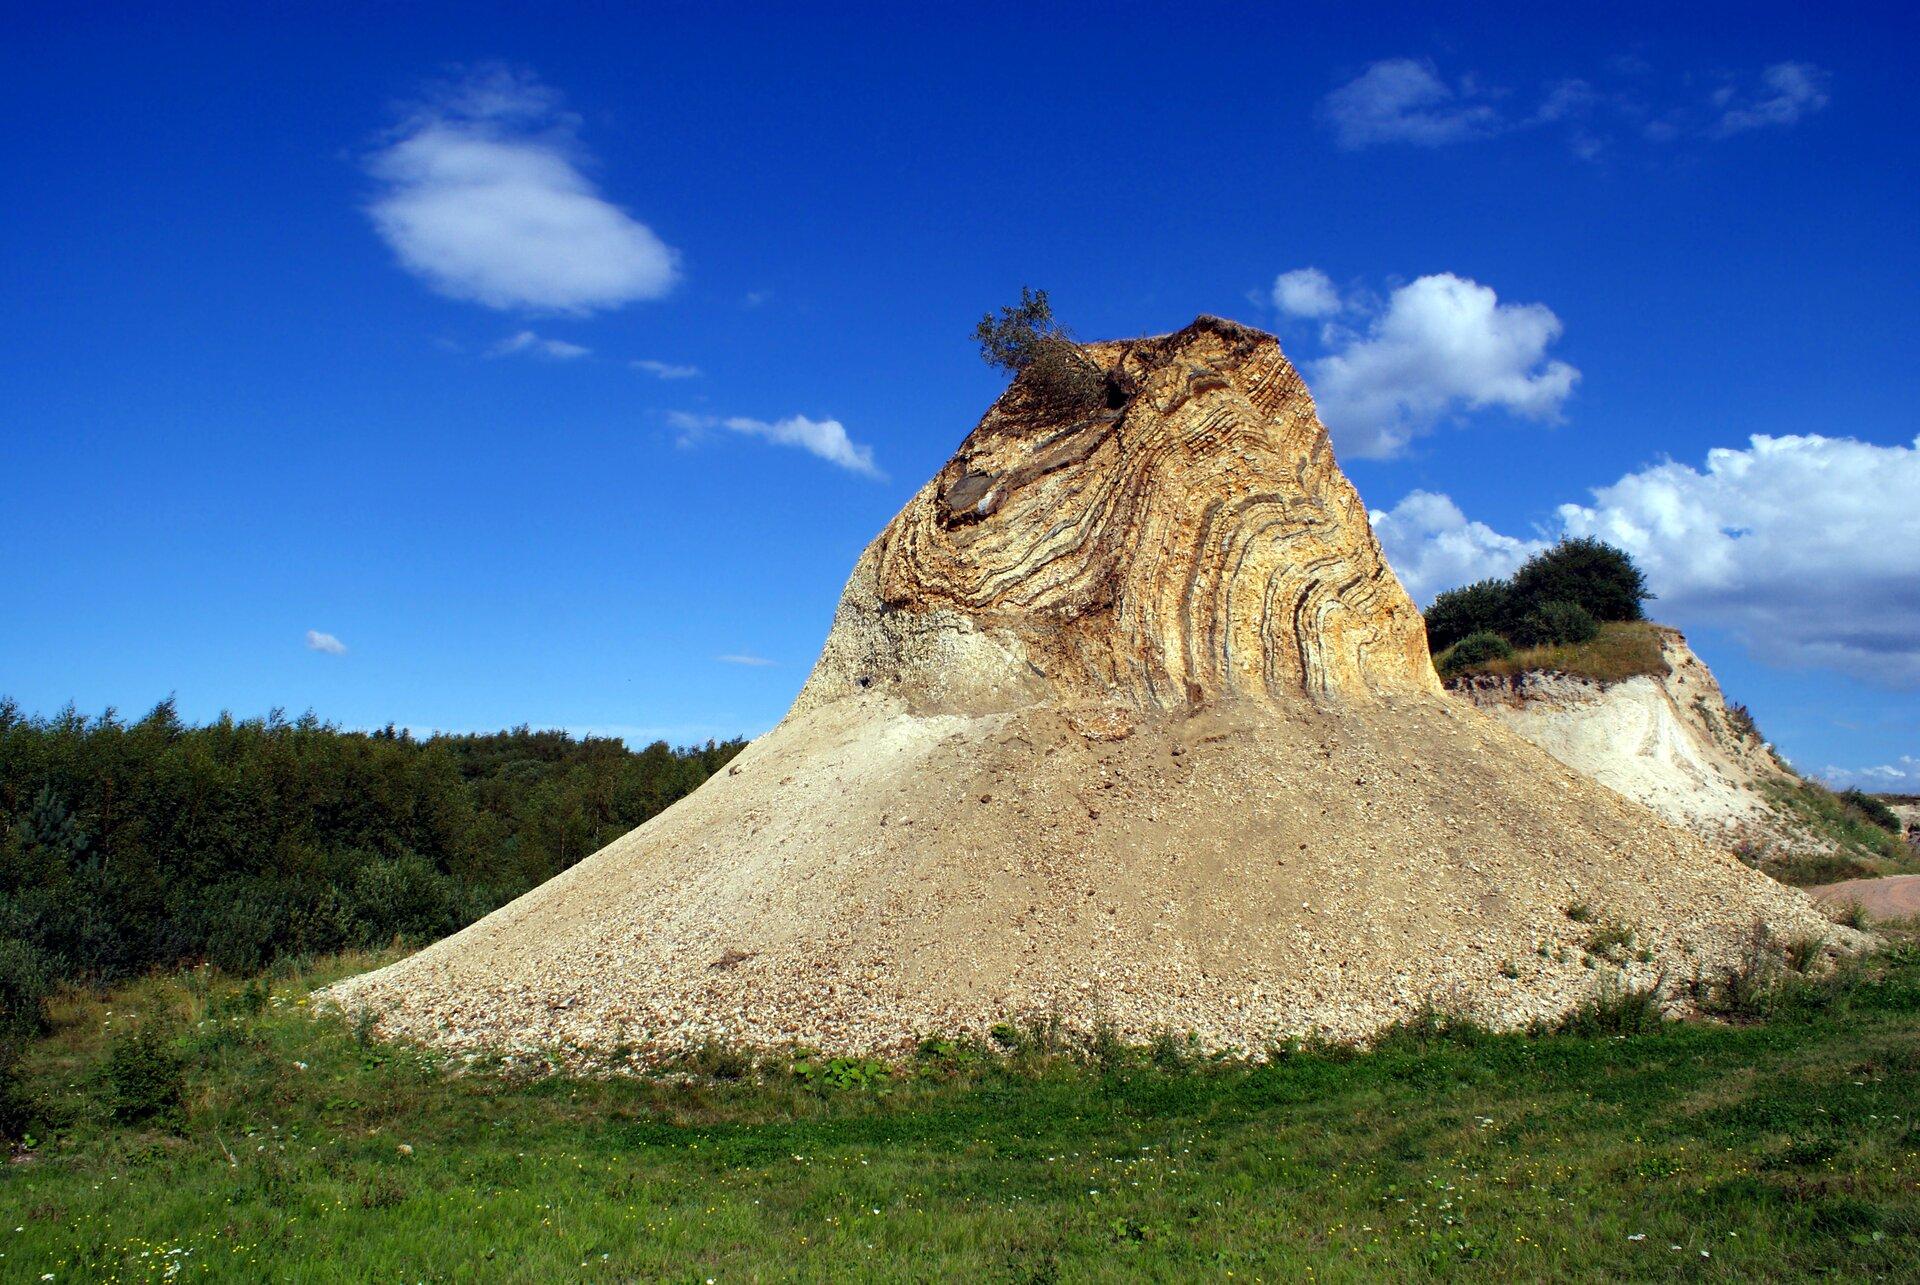 Zdjęcie przedstawia wysoką, kolumnową formację skalną przysypaną po bokach ziemią okrzemkową wsamym środku trawiastej równiny. Zdjęcie wykonano na duńskiej wyspie Fur znanej zbogatych pokładów tego typu ziemi oraz pięknych skamielin.